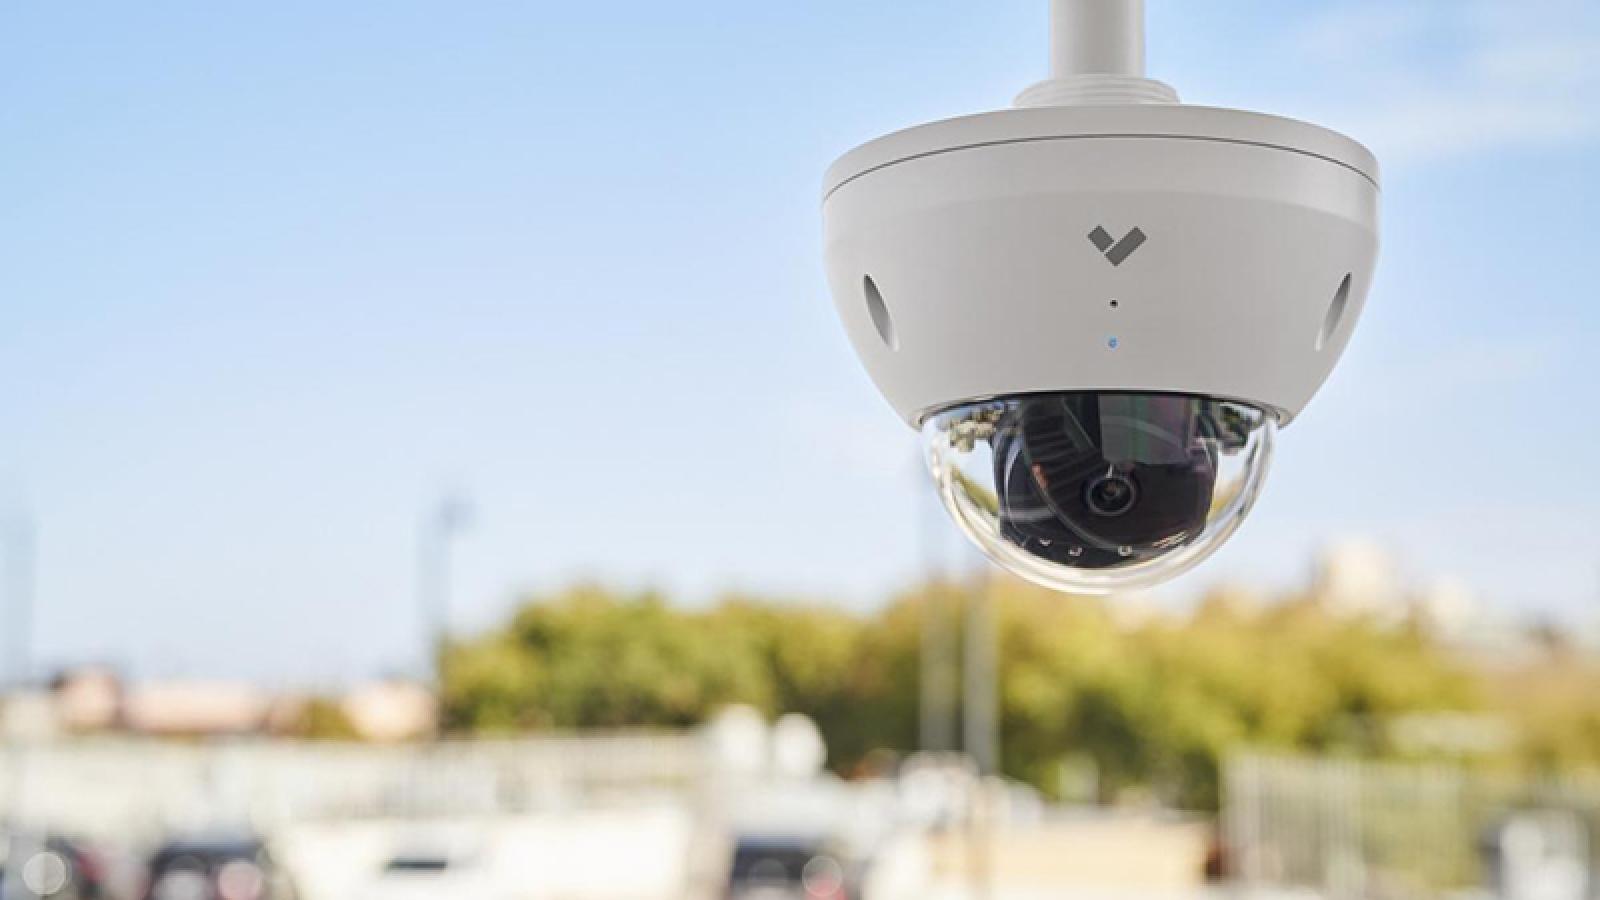 Hơn 150.000 camera an ninh bị tin tặc tấn công